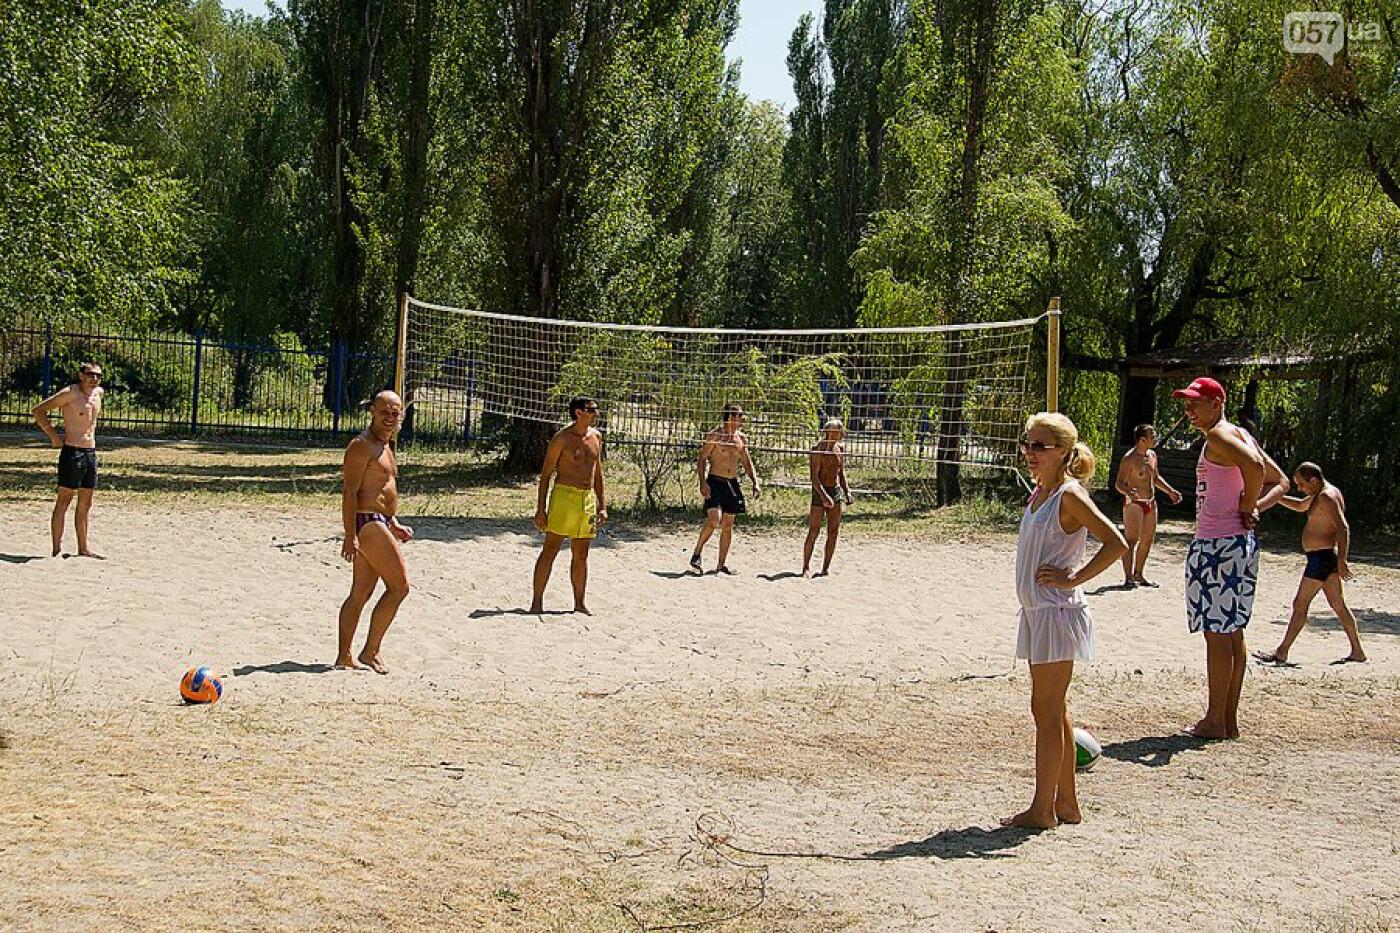 Отдых за городом в Харькове:  туры из Харькова, базы отдыха, пансионаты, отдых возле водоема, фото-56